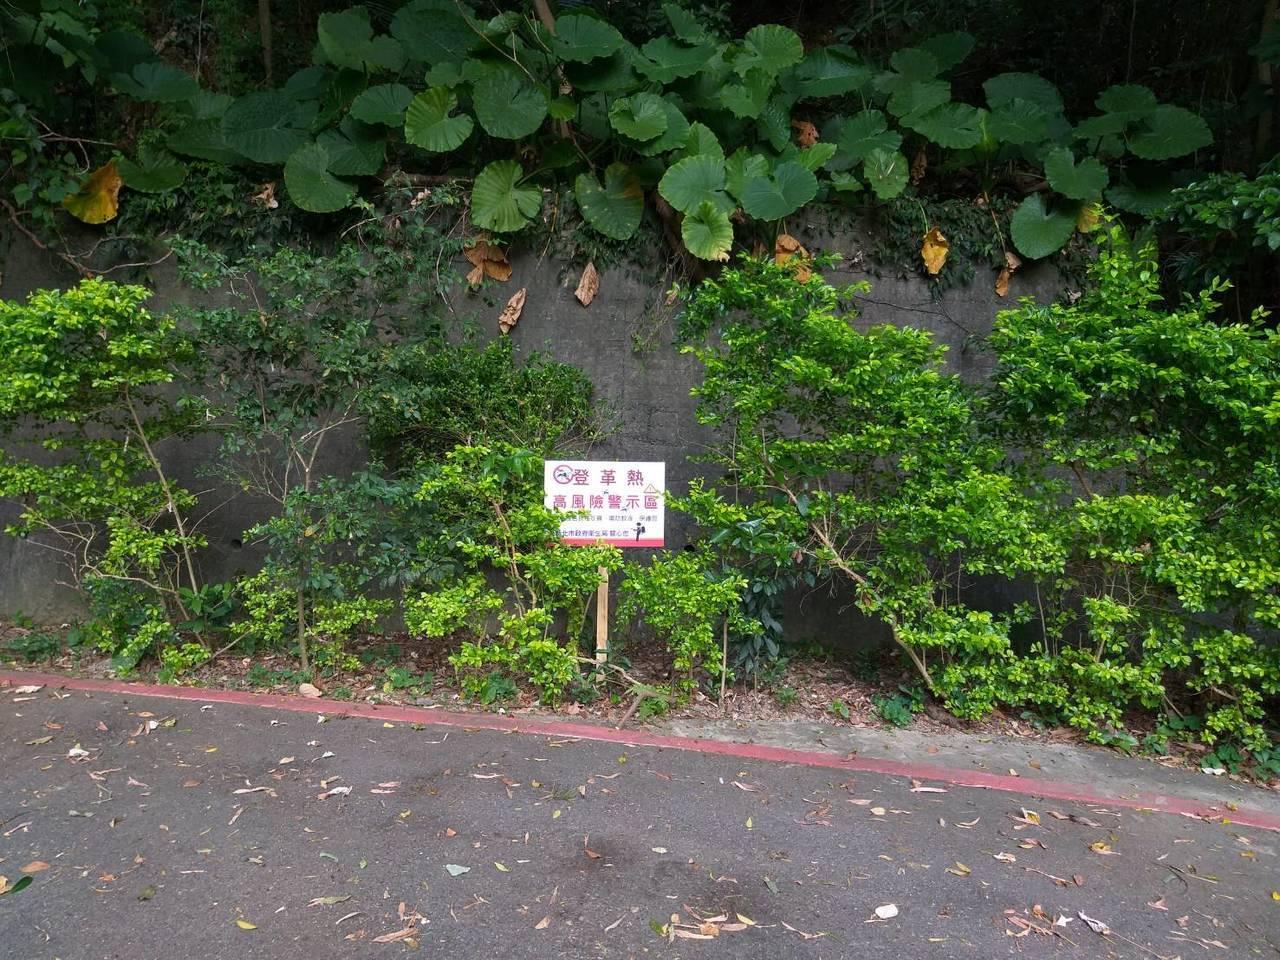 新北市樹林區已累積5例登革熱案例,衛生局除持續針對坡内里風險菜園噴消孳清外,也在...